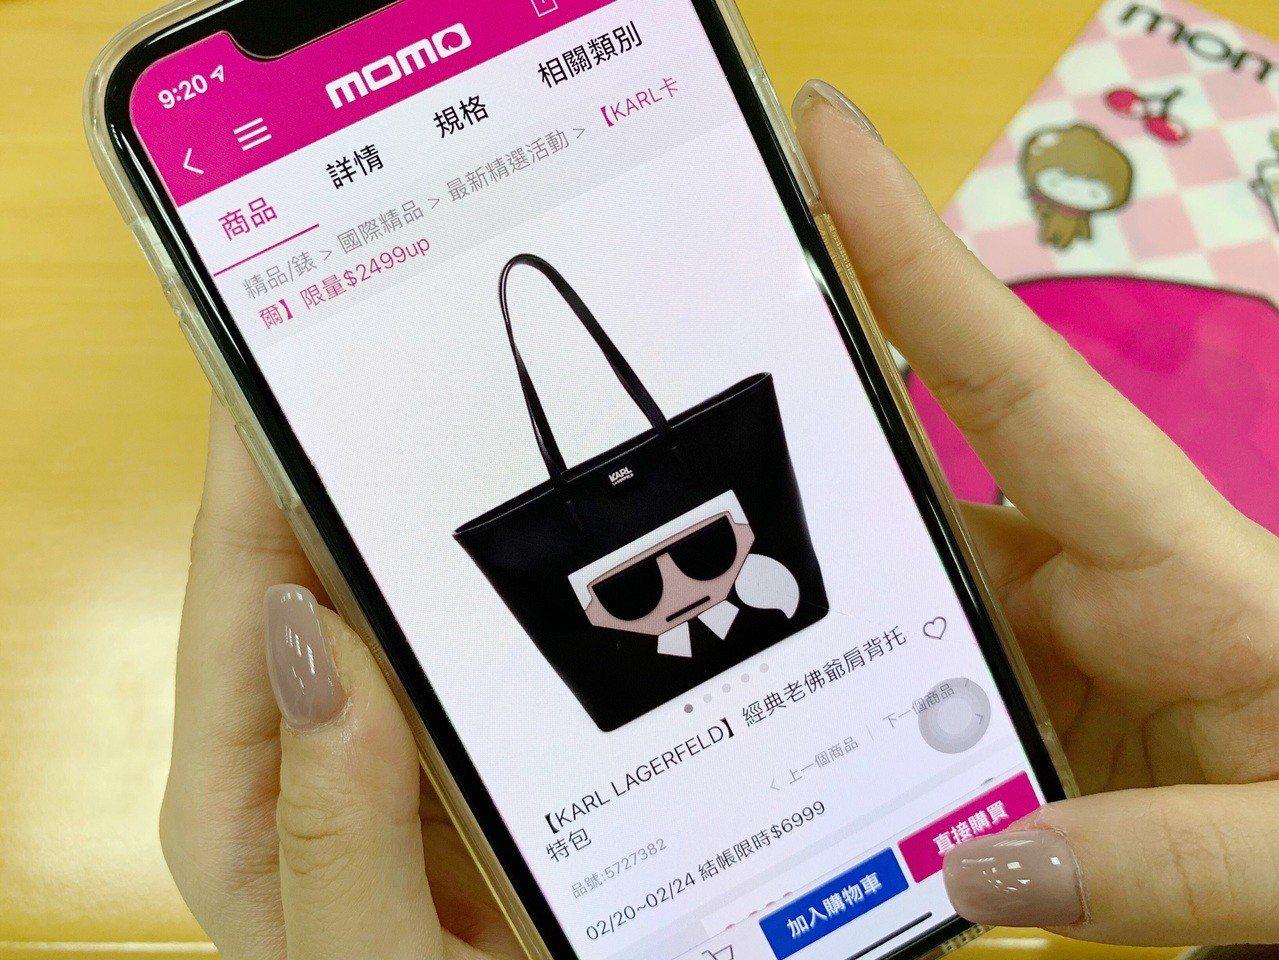 momo購物網規劃「Karl Lagerfeld」紀念專區,集結卡爾拉格斐個人同...